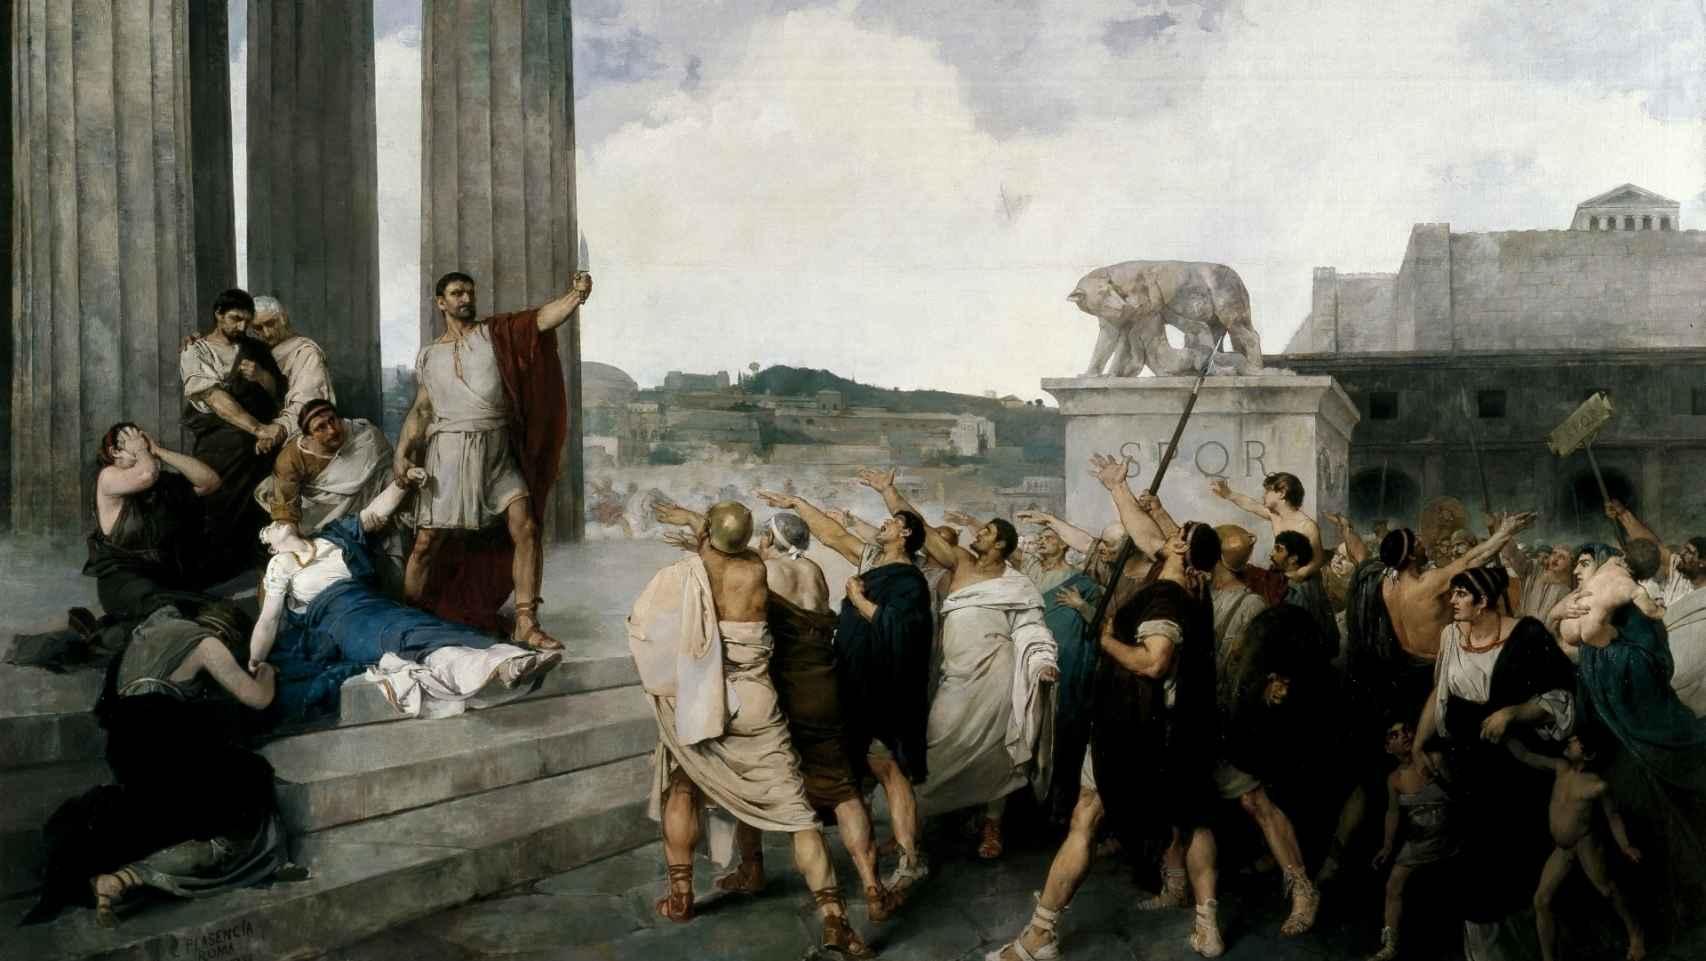 Origen de la República Romana, según Casto Plasencia y Maestro.